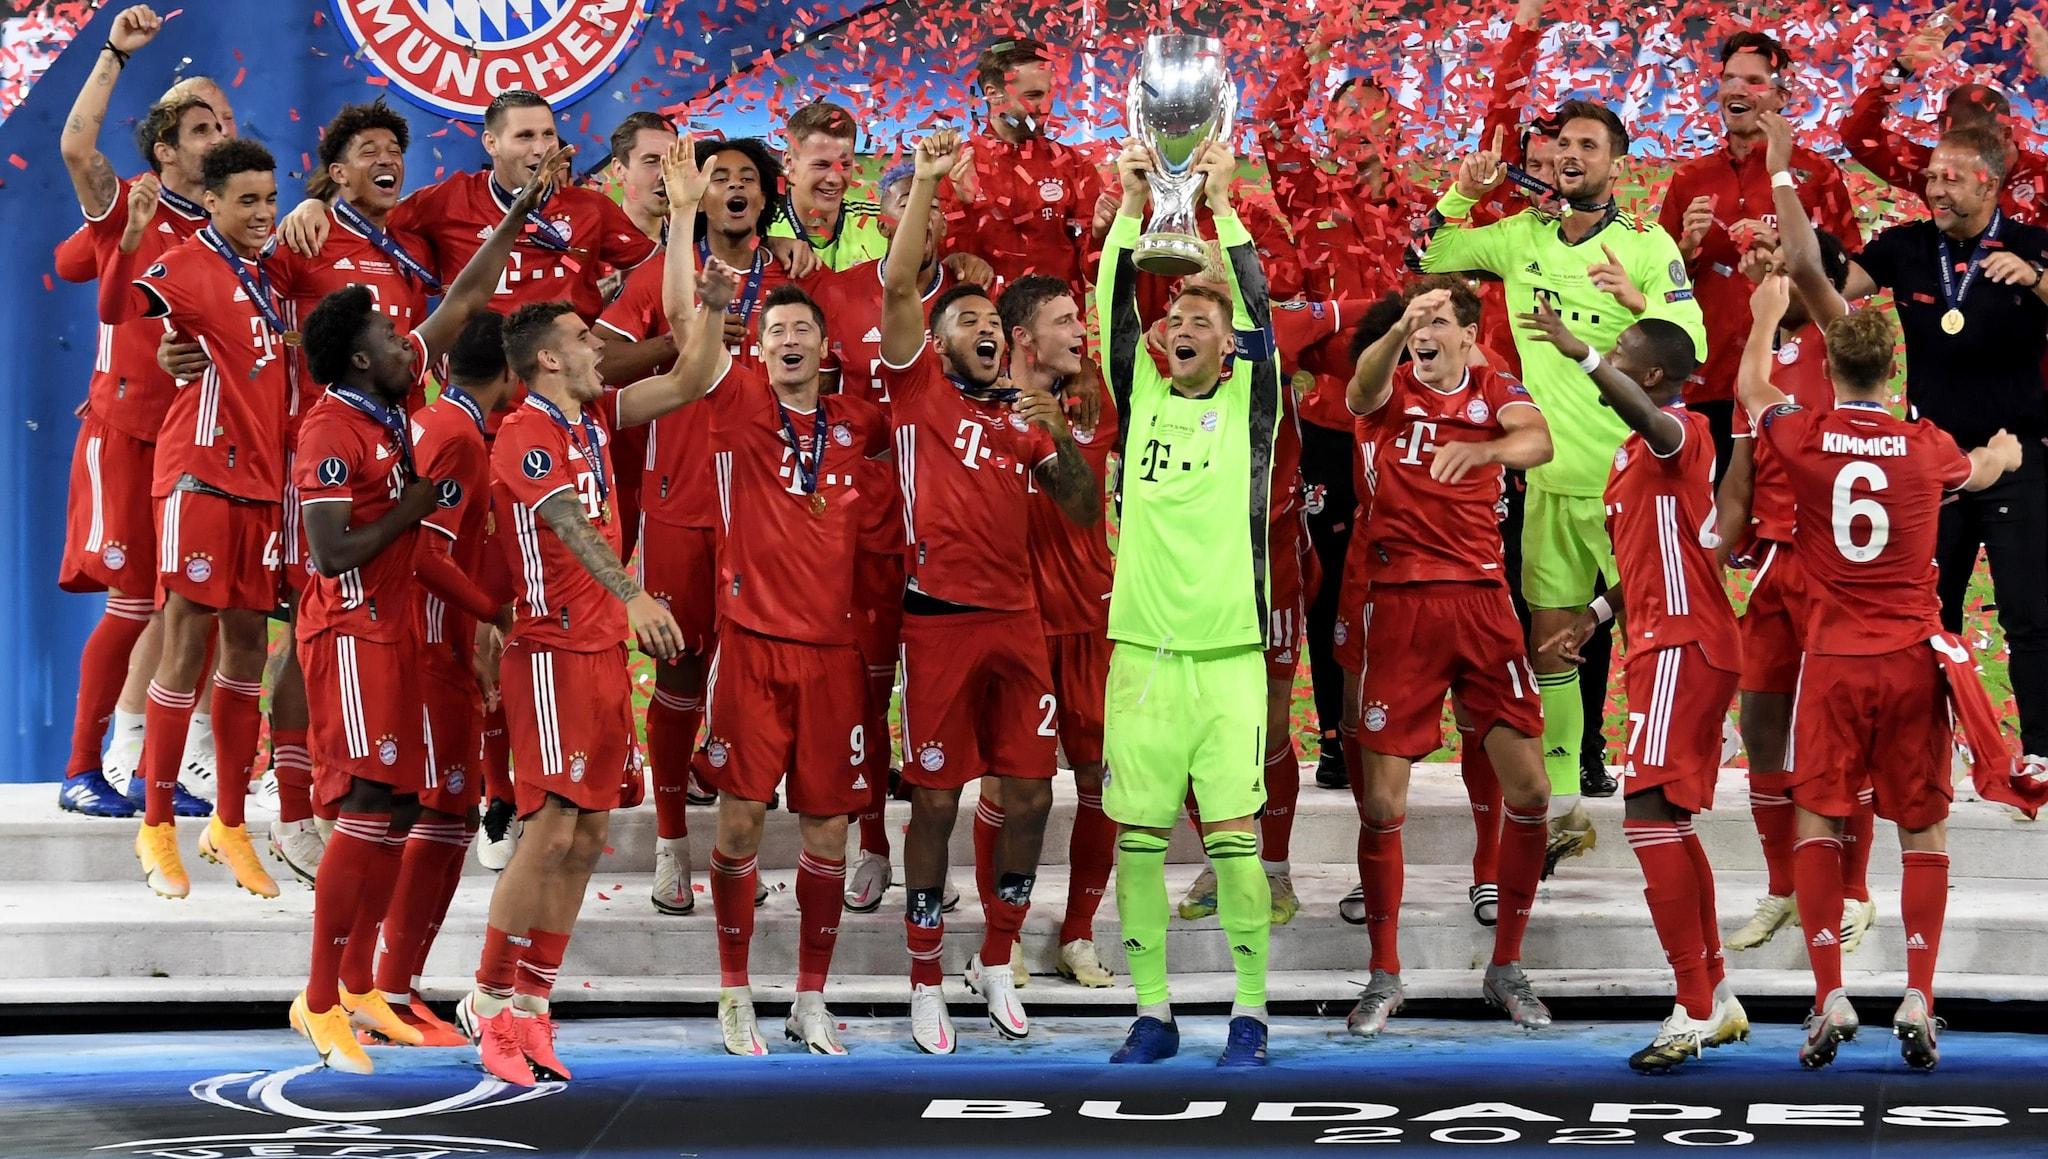 Bayern vence Sevilha e conquista a Supertaça